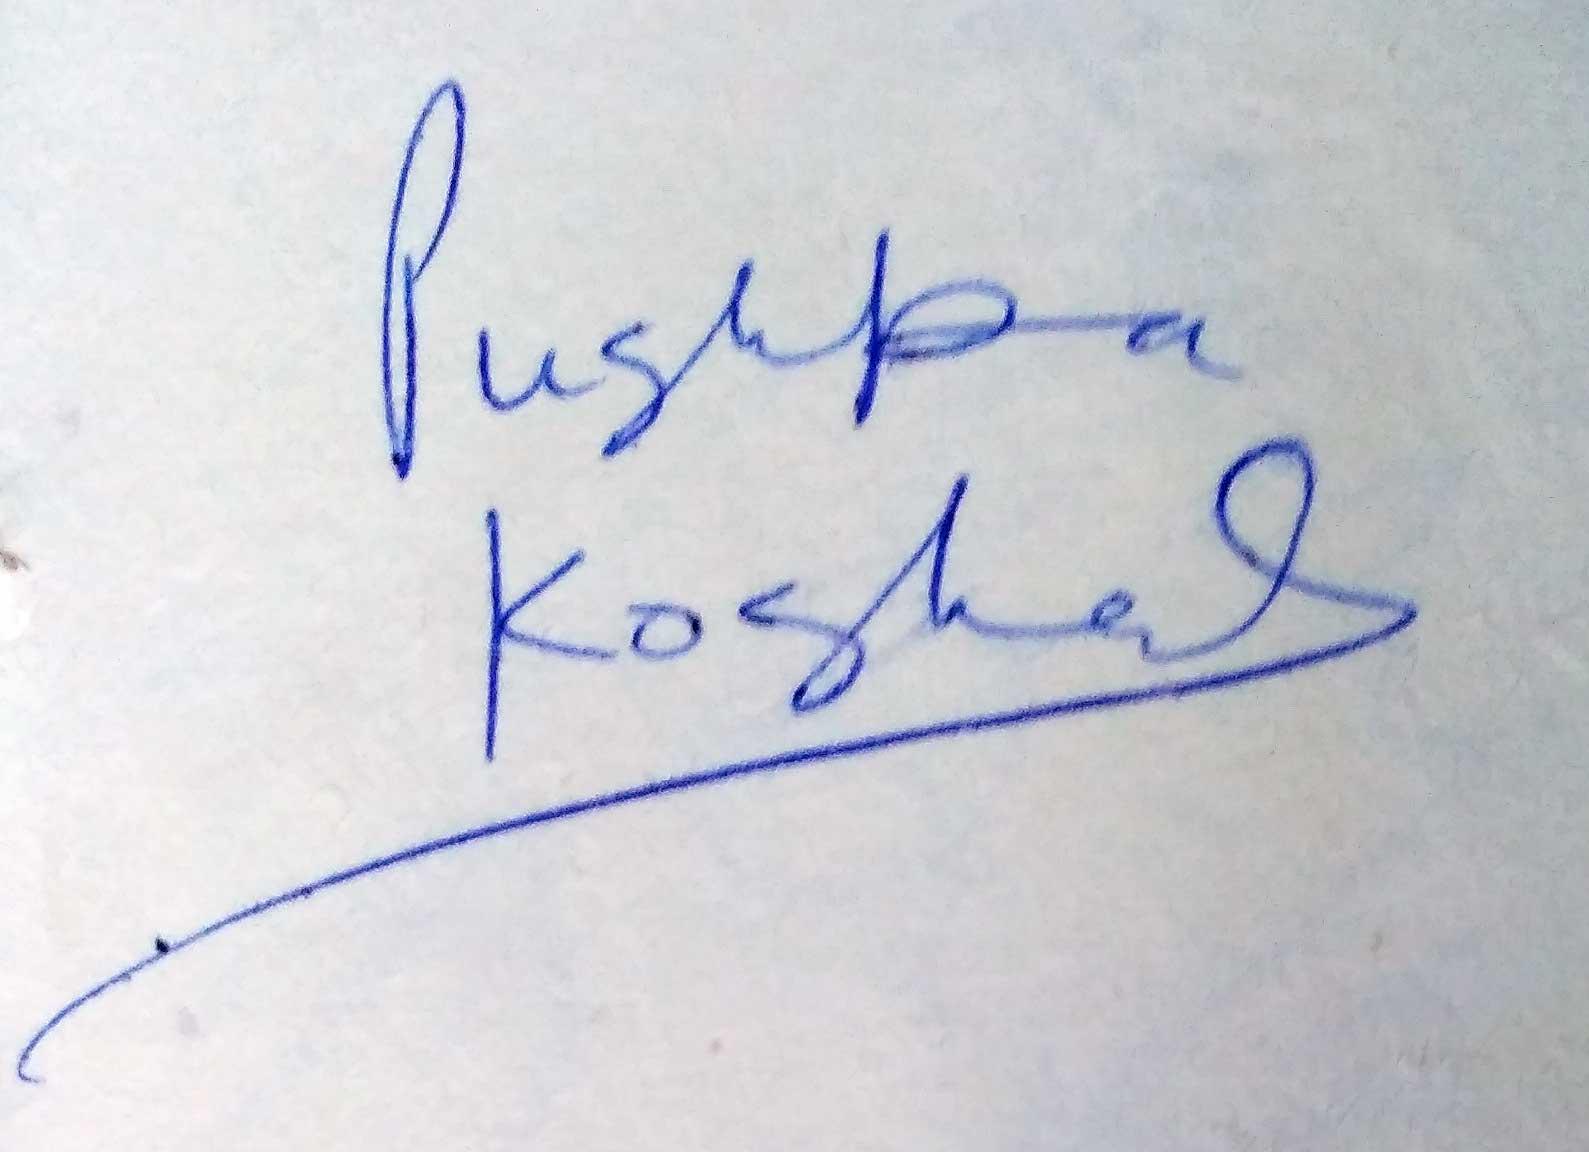 pushpa-koshal-autograph